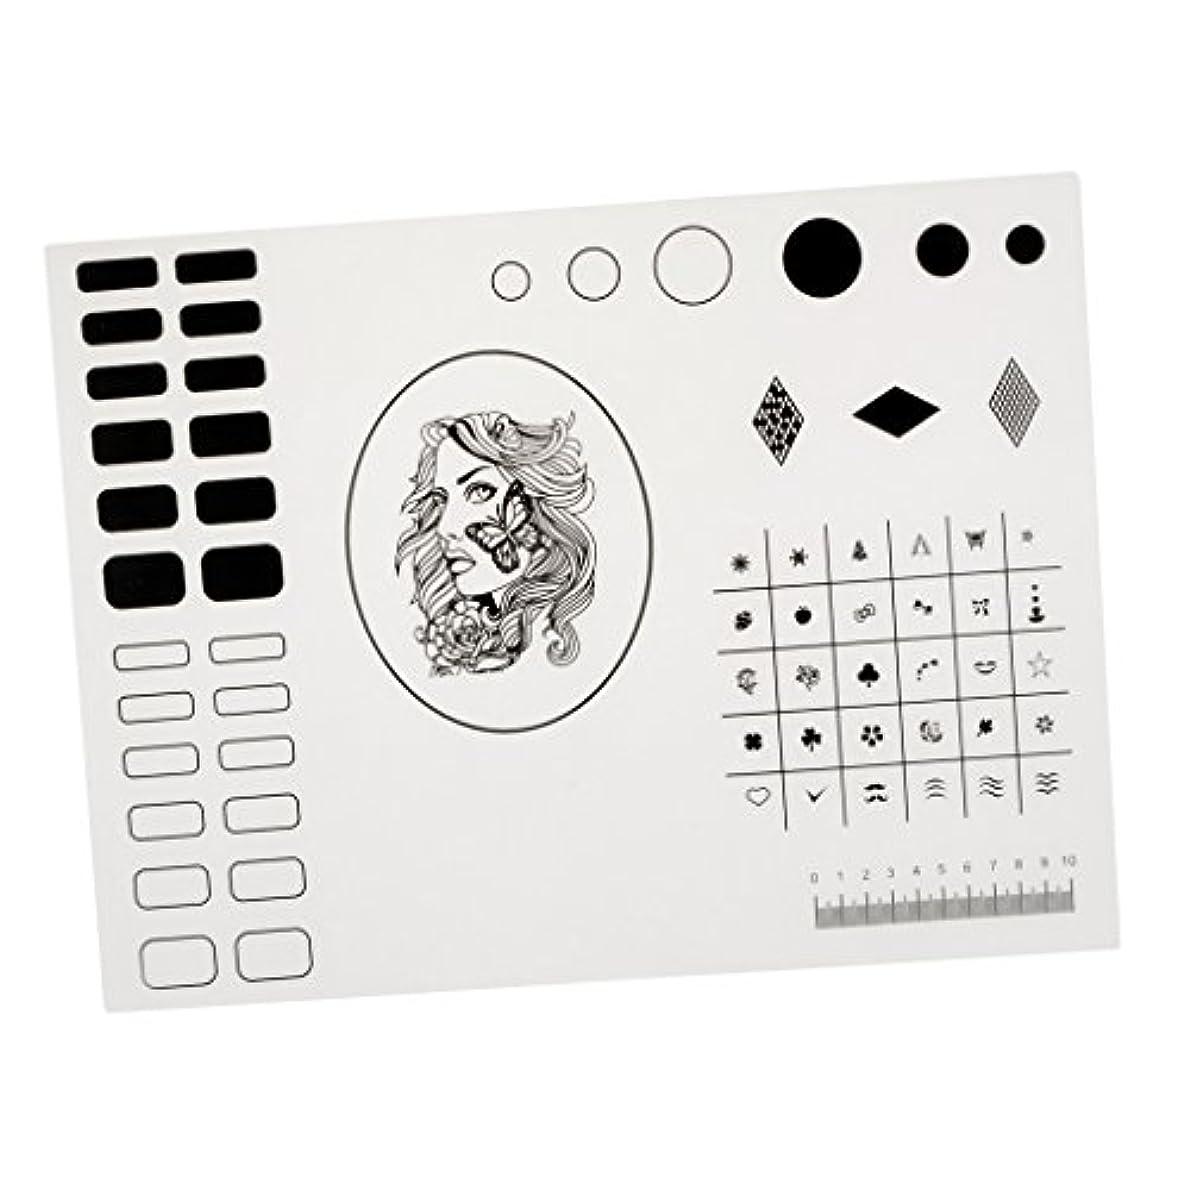 オート図発行するFenteer シリコーン ネイルマット ネイルアート マニキュア ネイルステッカー 繰り返す可 初心者 40.5*30.5cm 2タイプ選べ - タイプ2